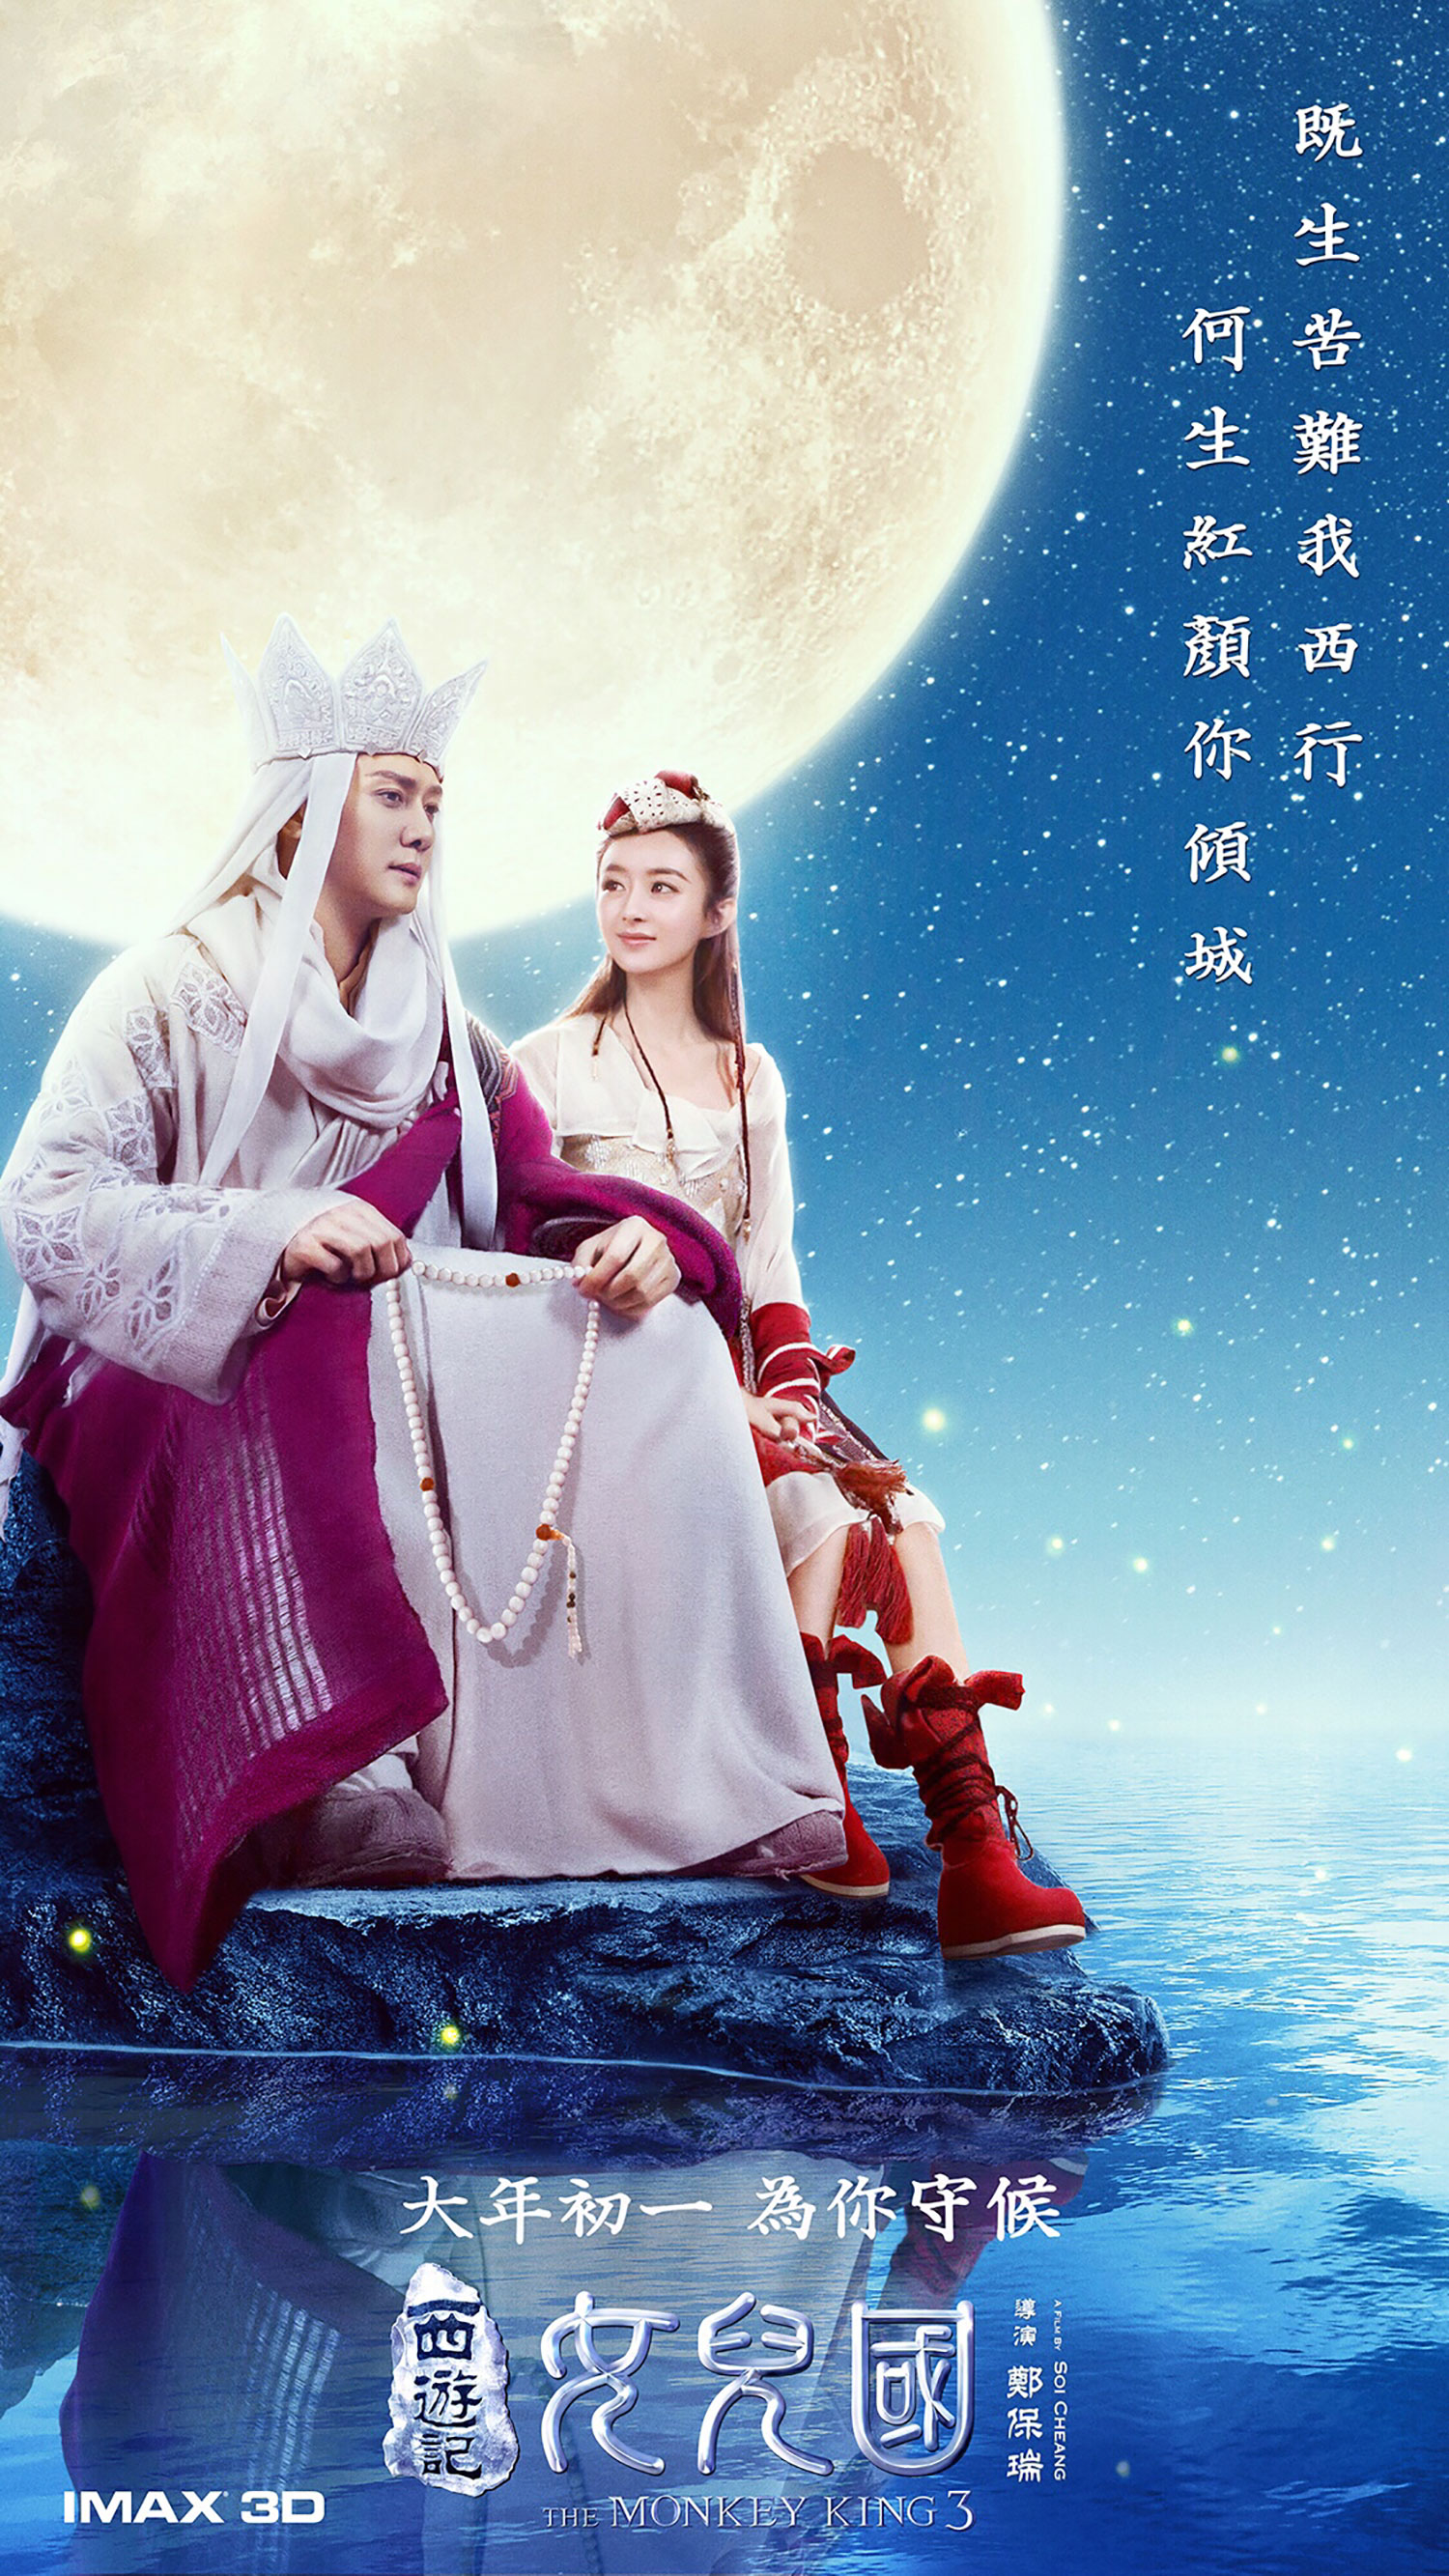 《西游记女儿国》曝海报 女儿国国王和唐僧合影